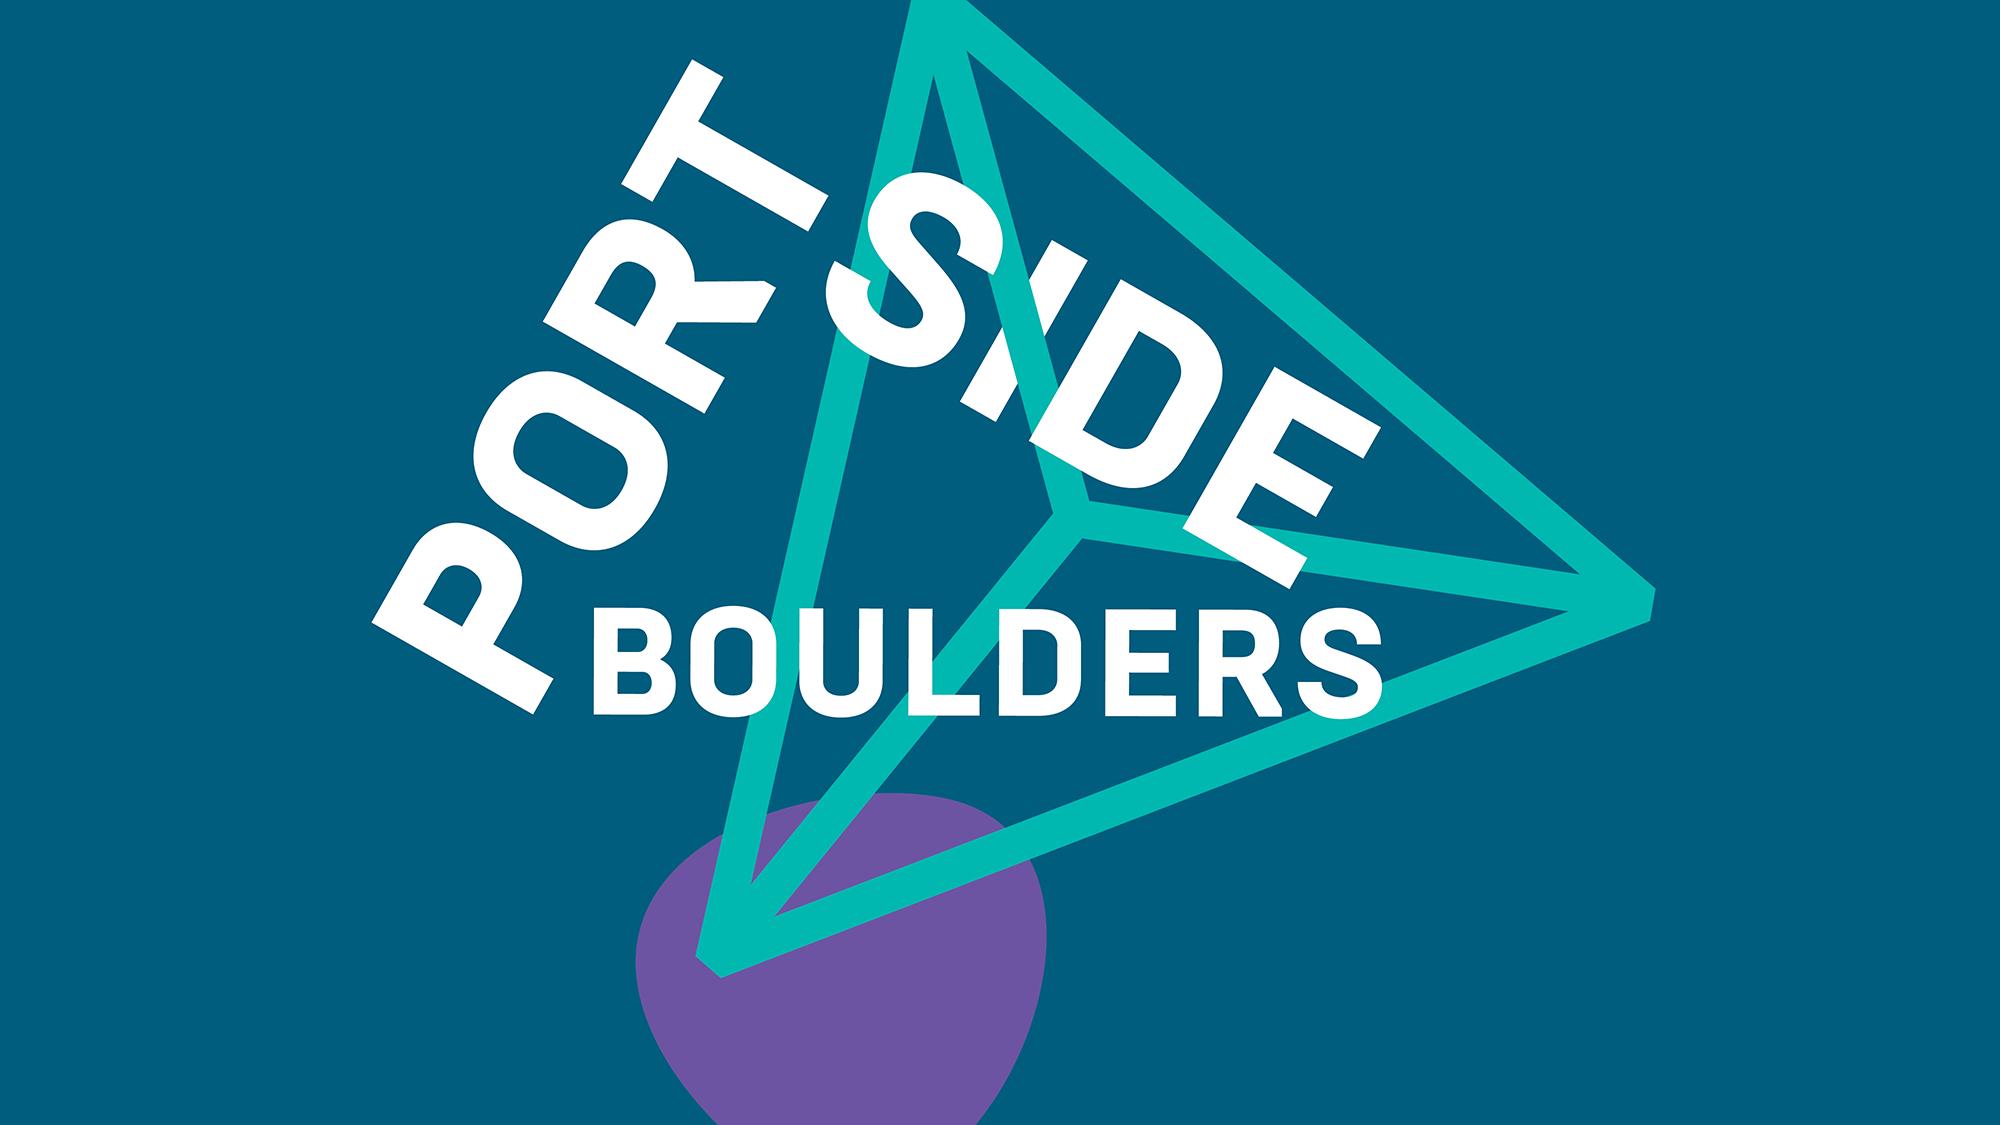 PorsideBoulders7.png